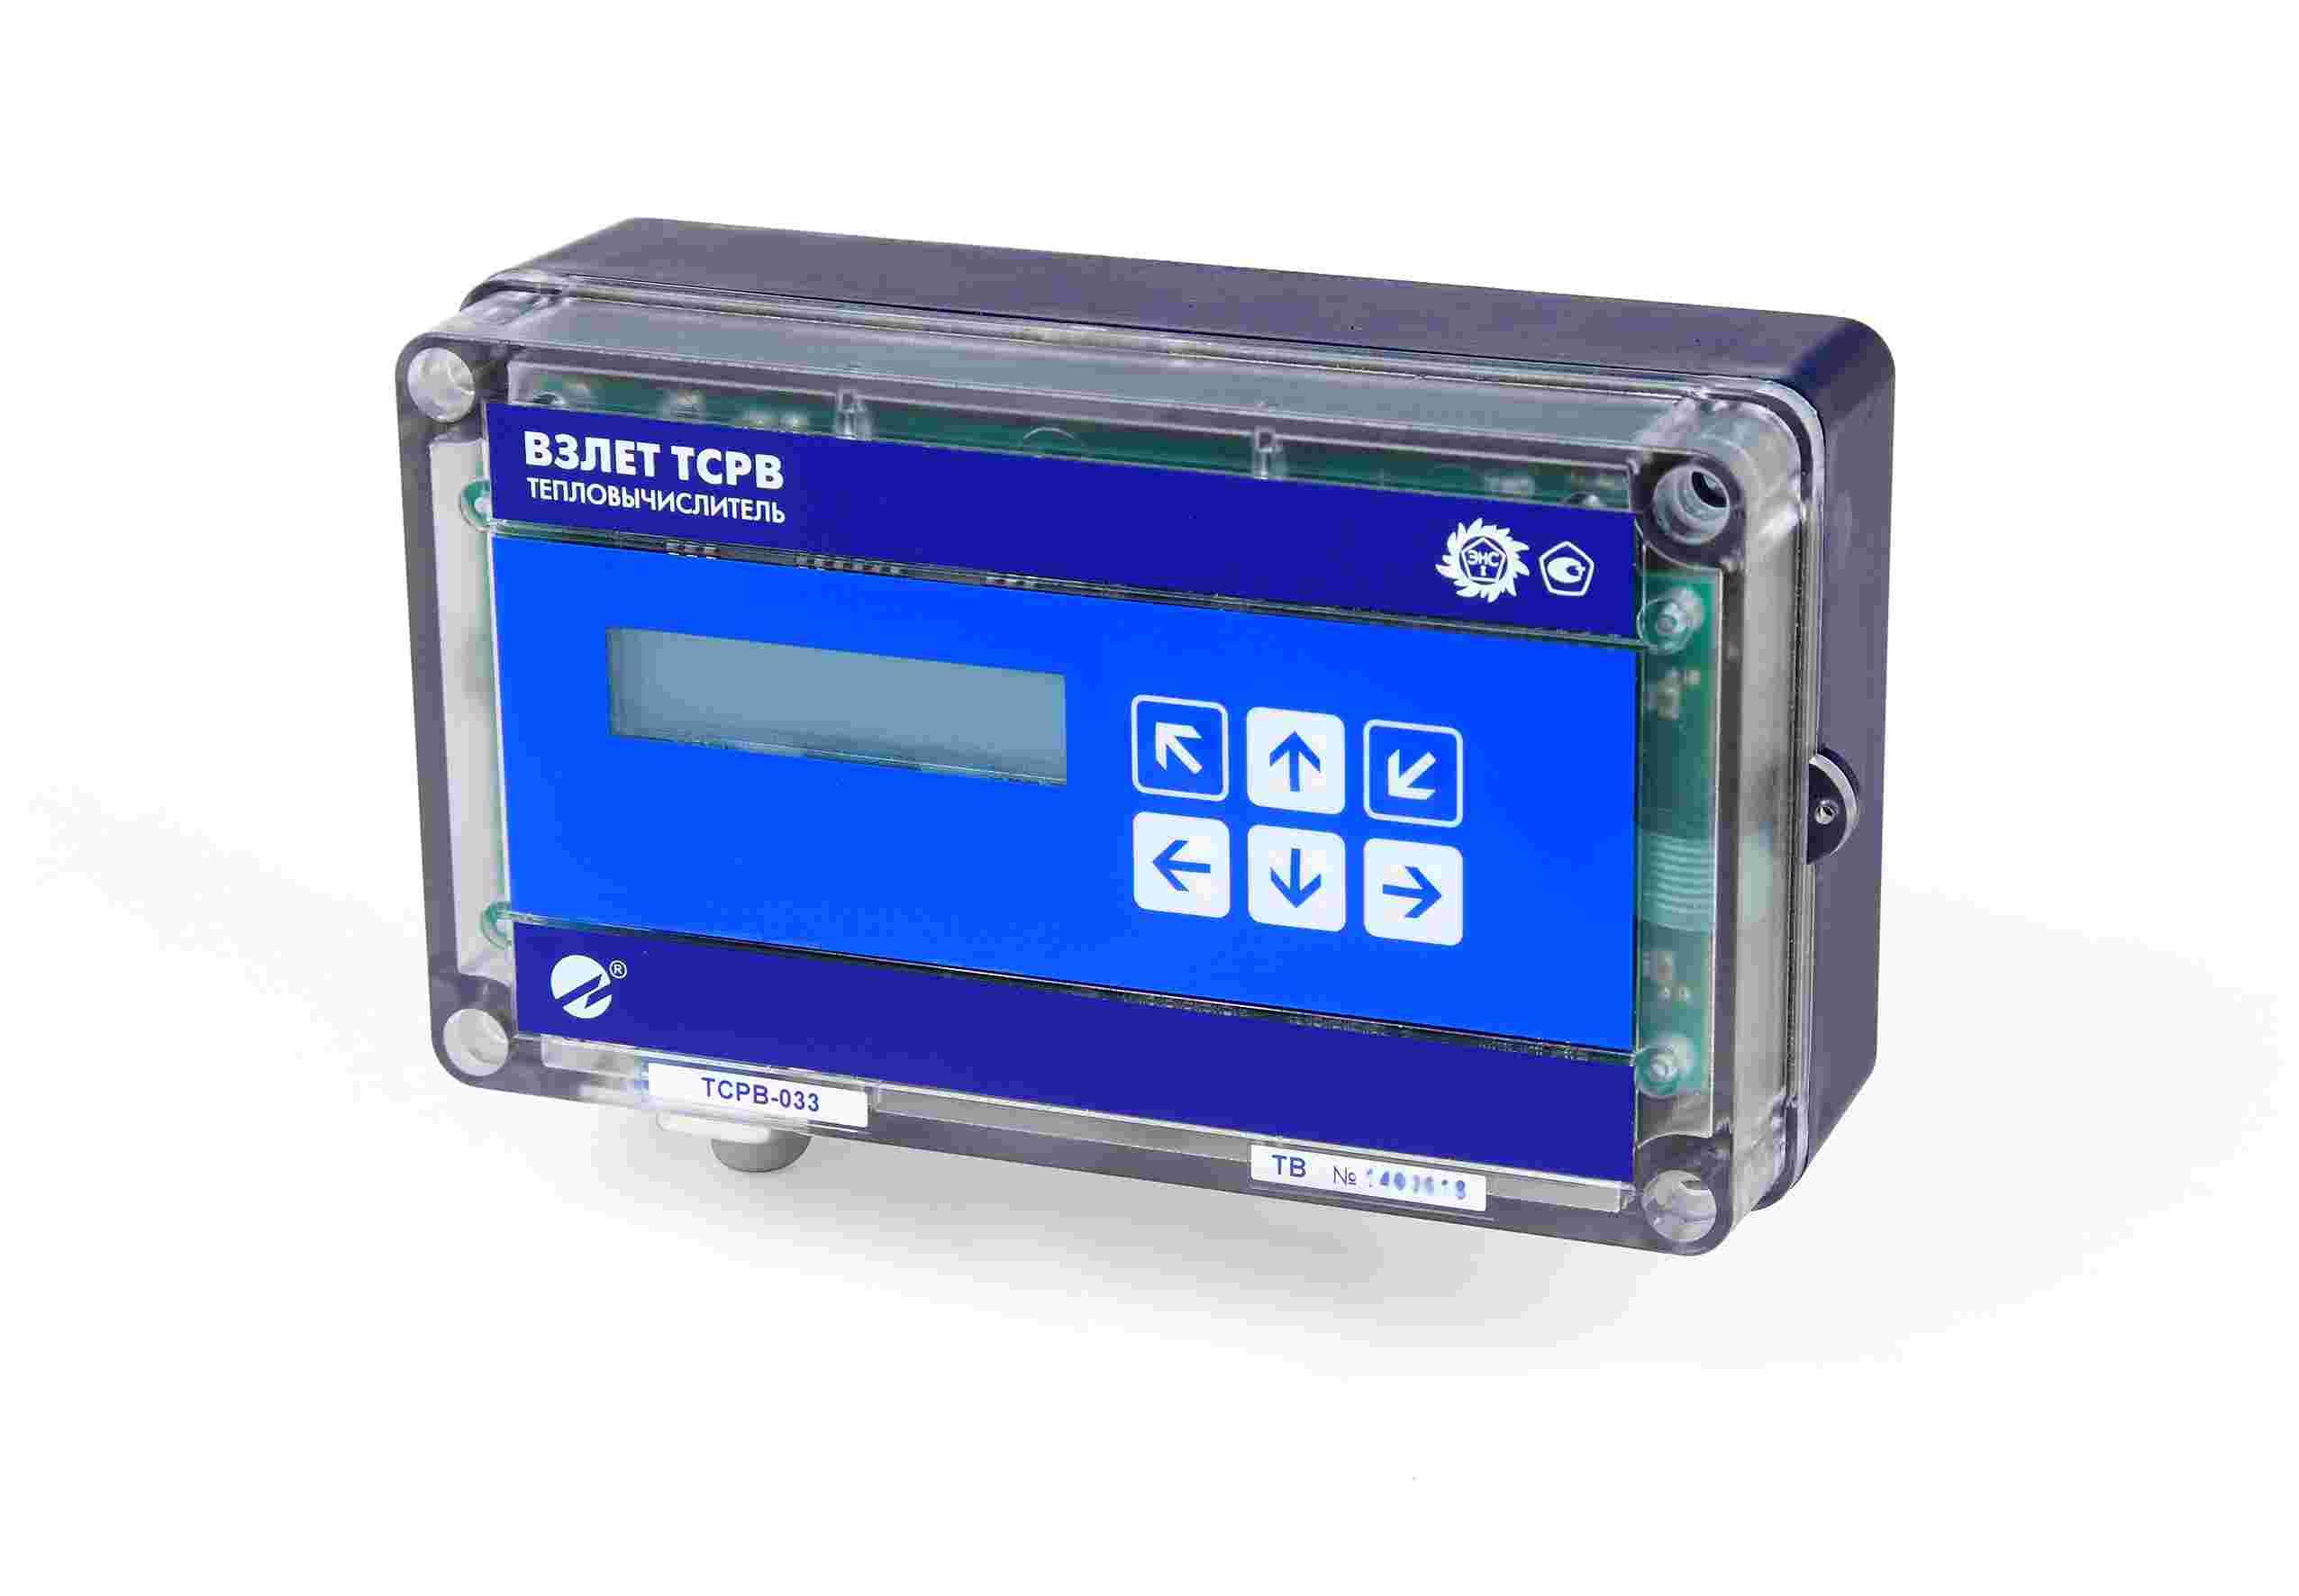 ТСРВ-033 тепловычислитель